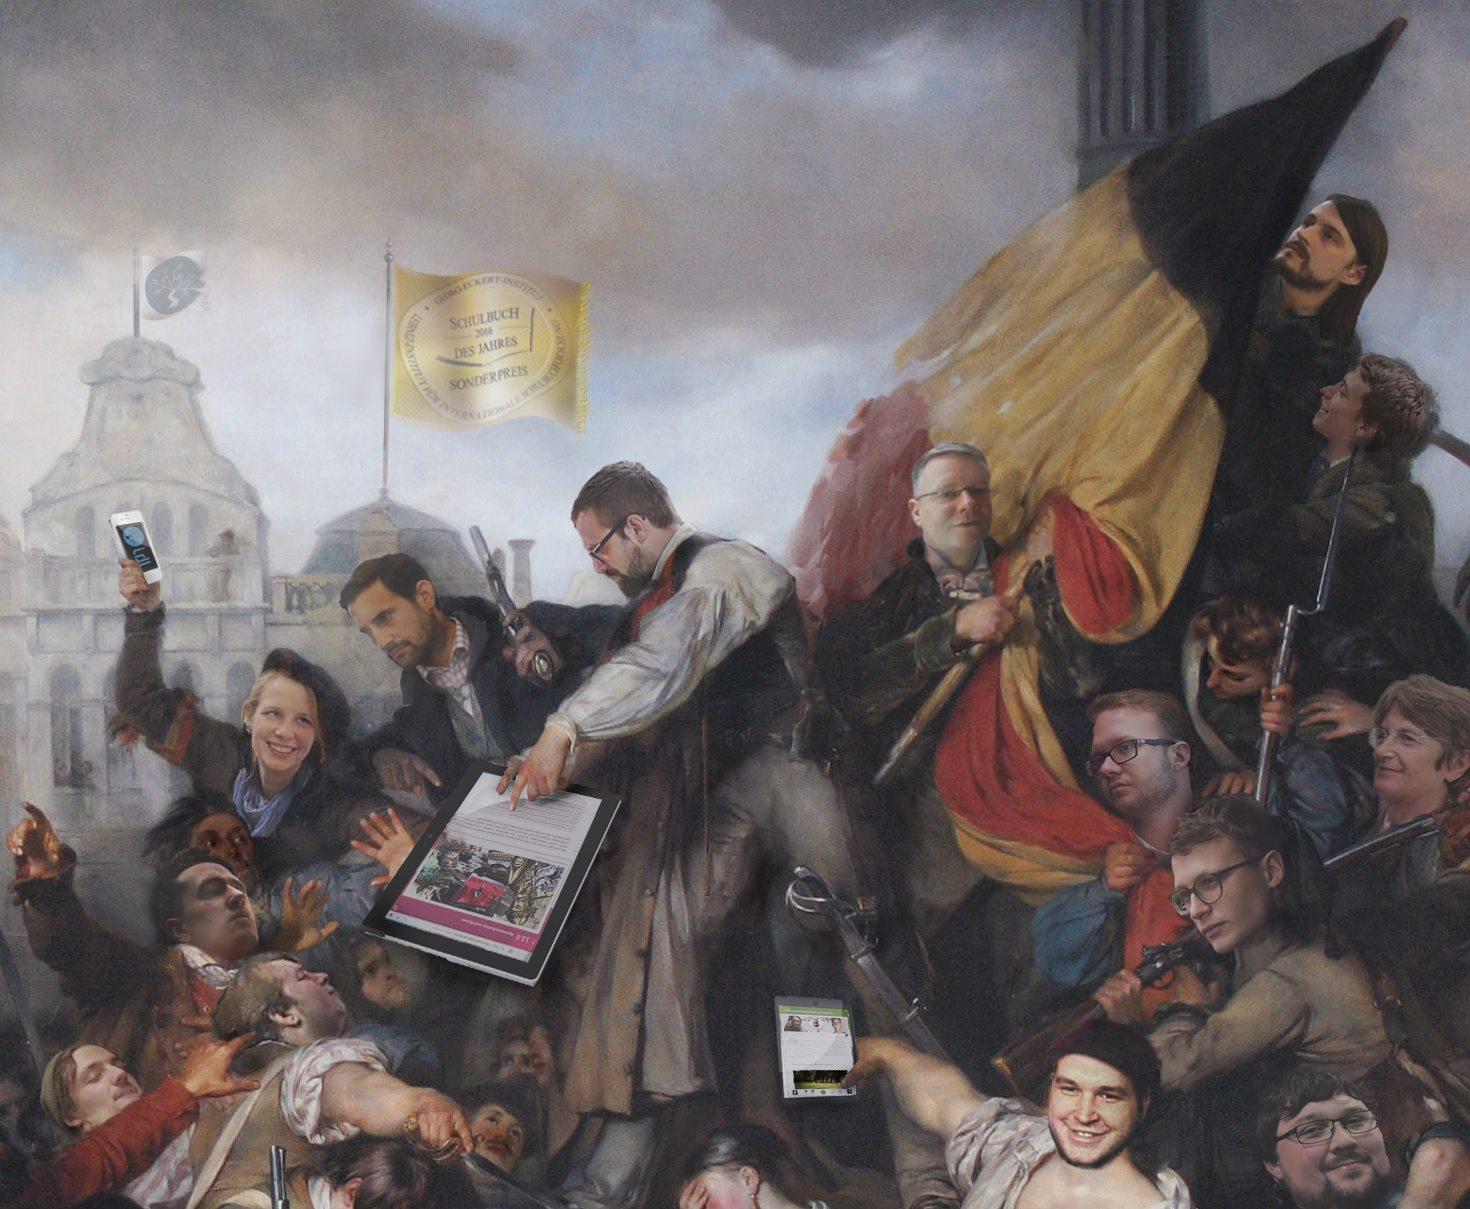 Die Köpfe des Teams vom Institut für digitales Lernen bearbeitet in ein Gemälde aus der Zeit der französischen Revolution